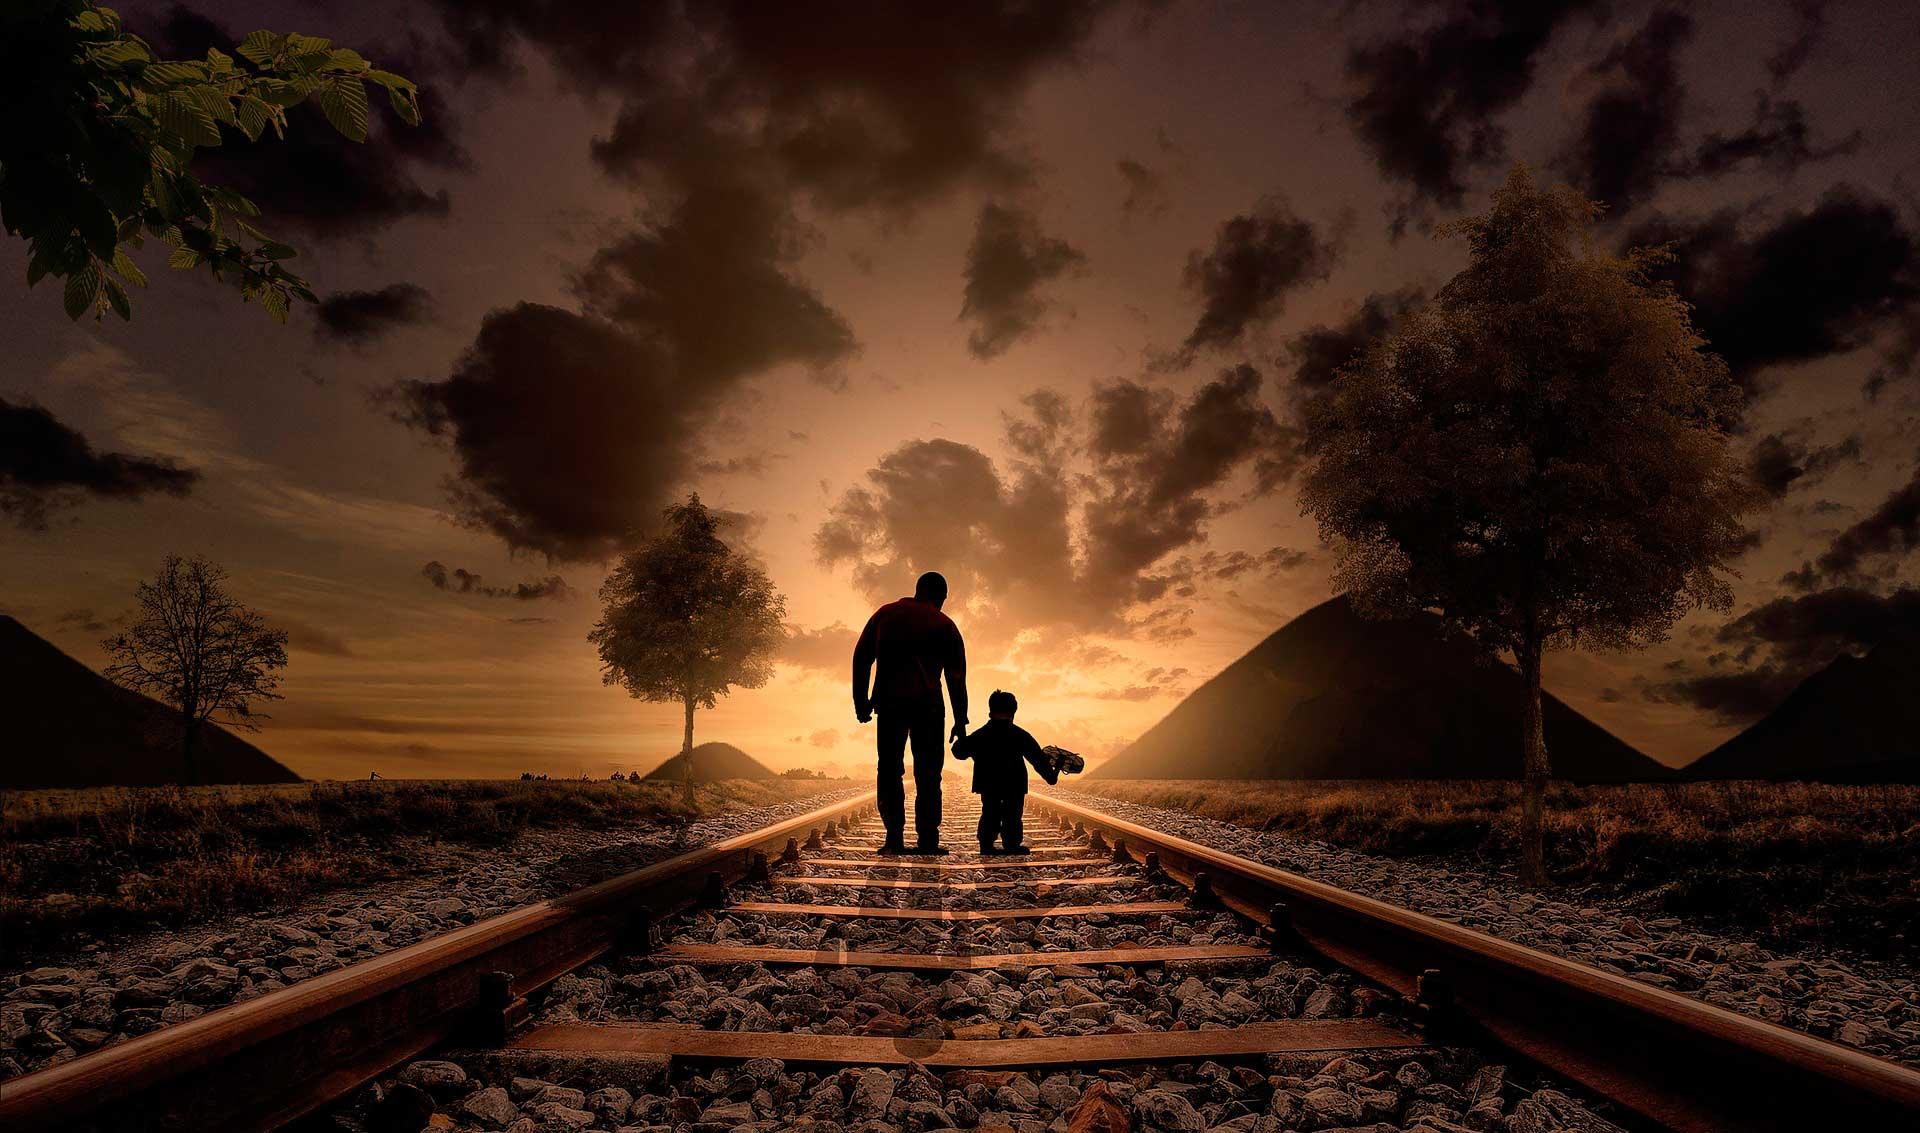 emprende-el-camino-de-regreso-a-casa-cada-vez-que-sea-necesario-el-salto-de-consciencia-1